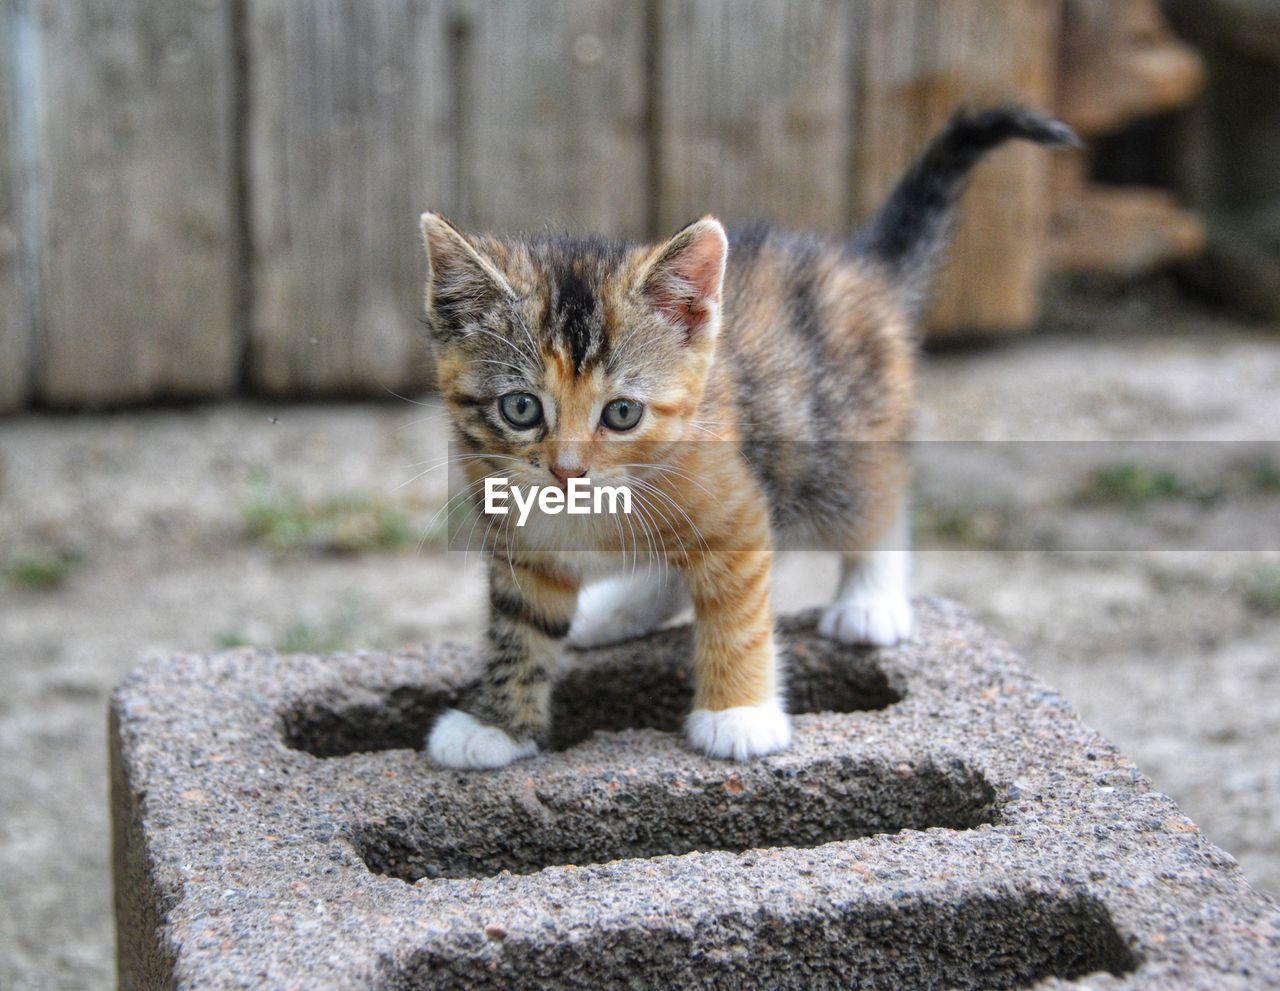 PORTRAIT OF KITTEN ON CONCRETE WALL